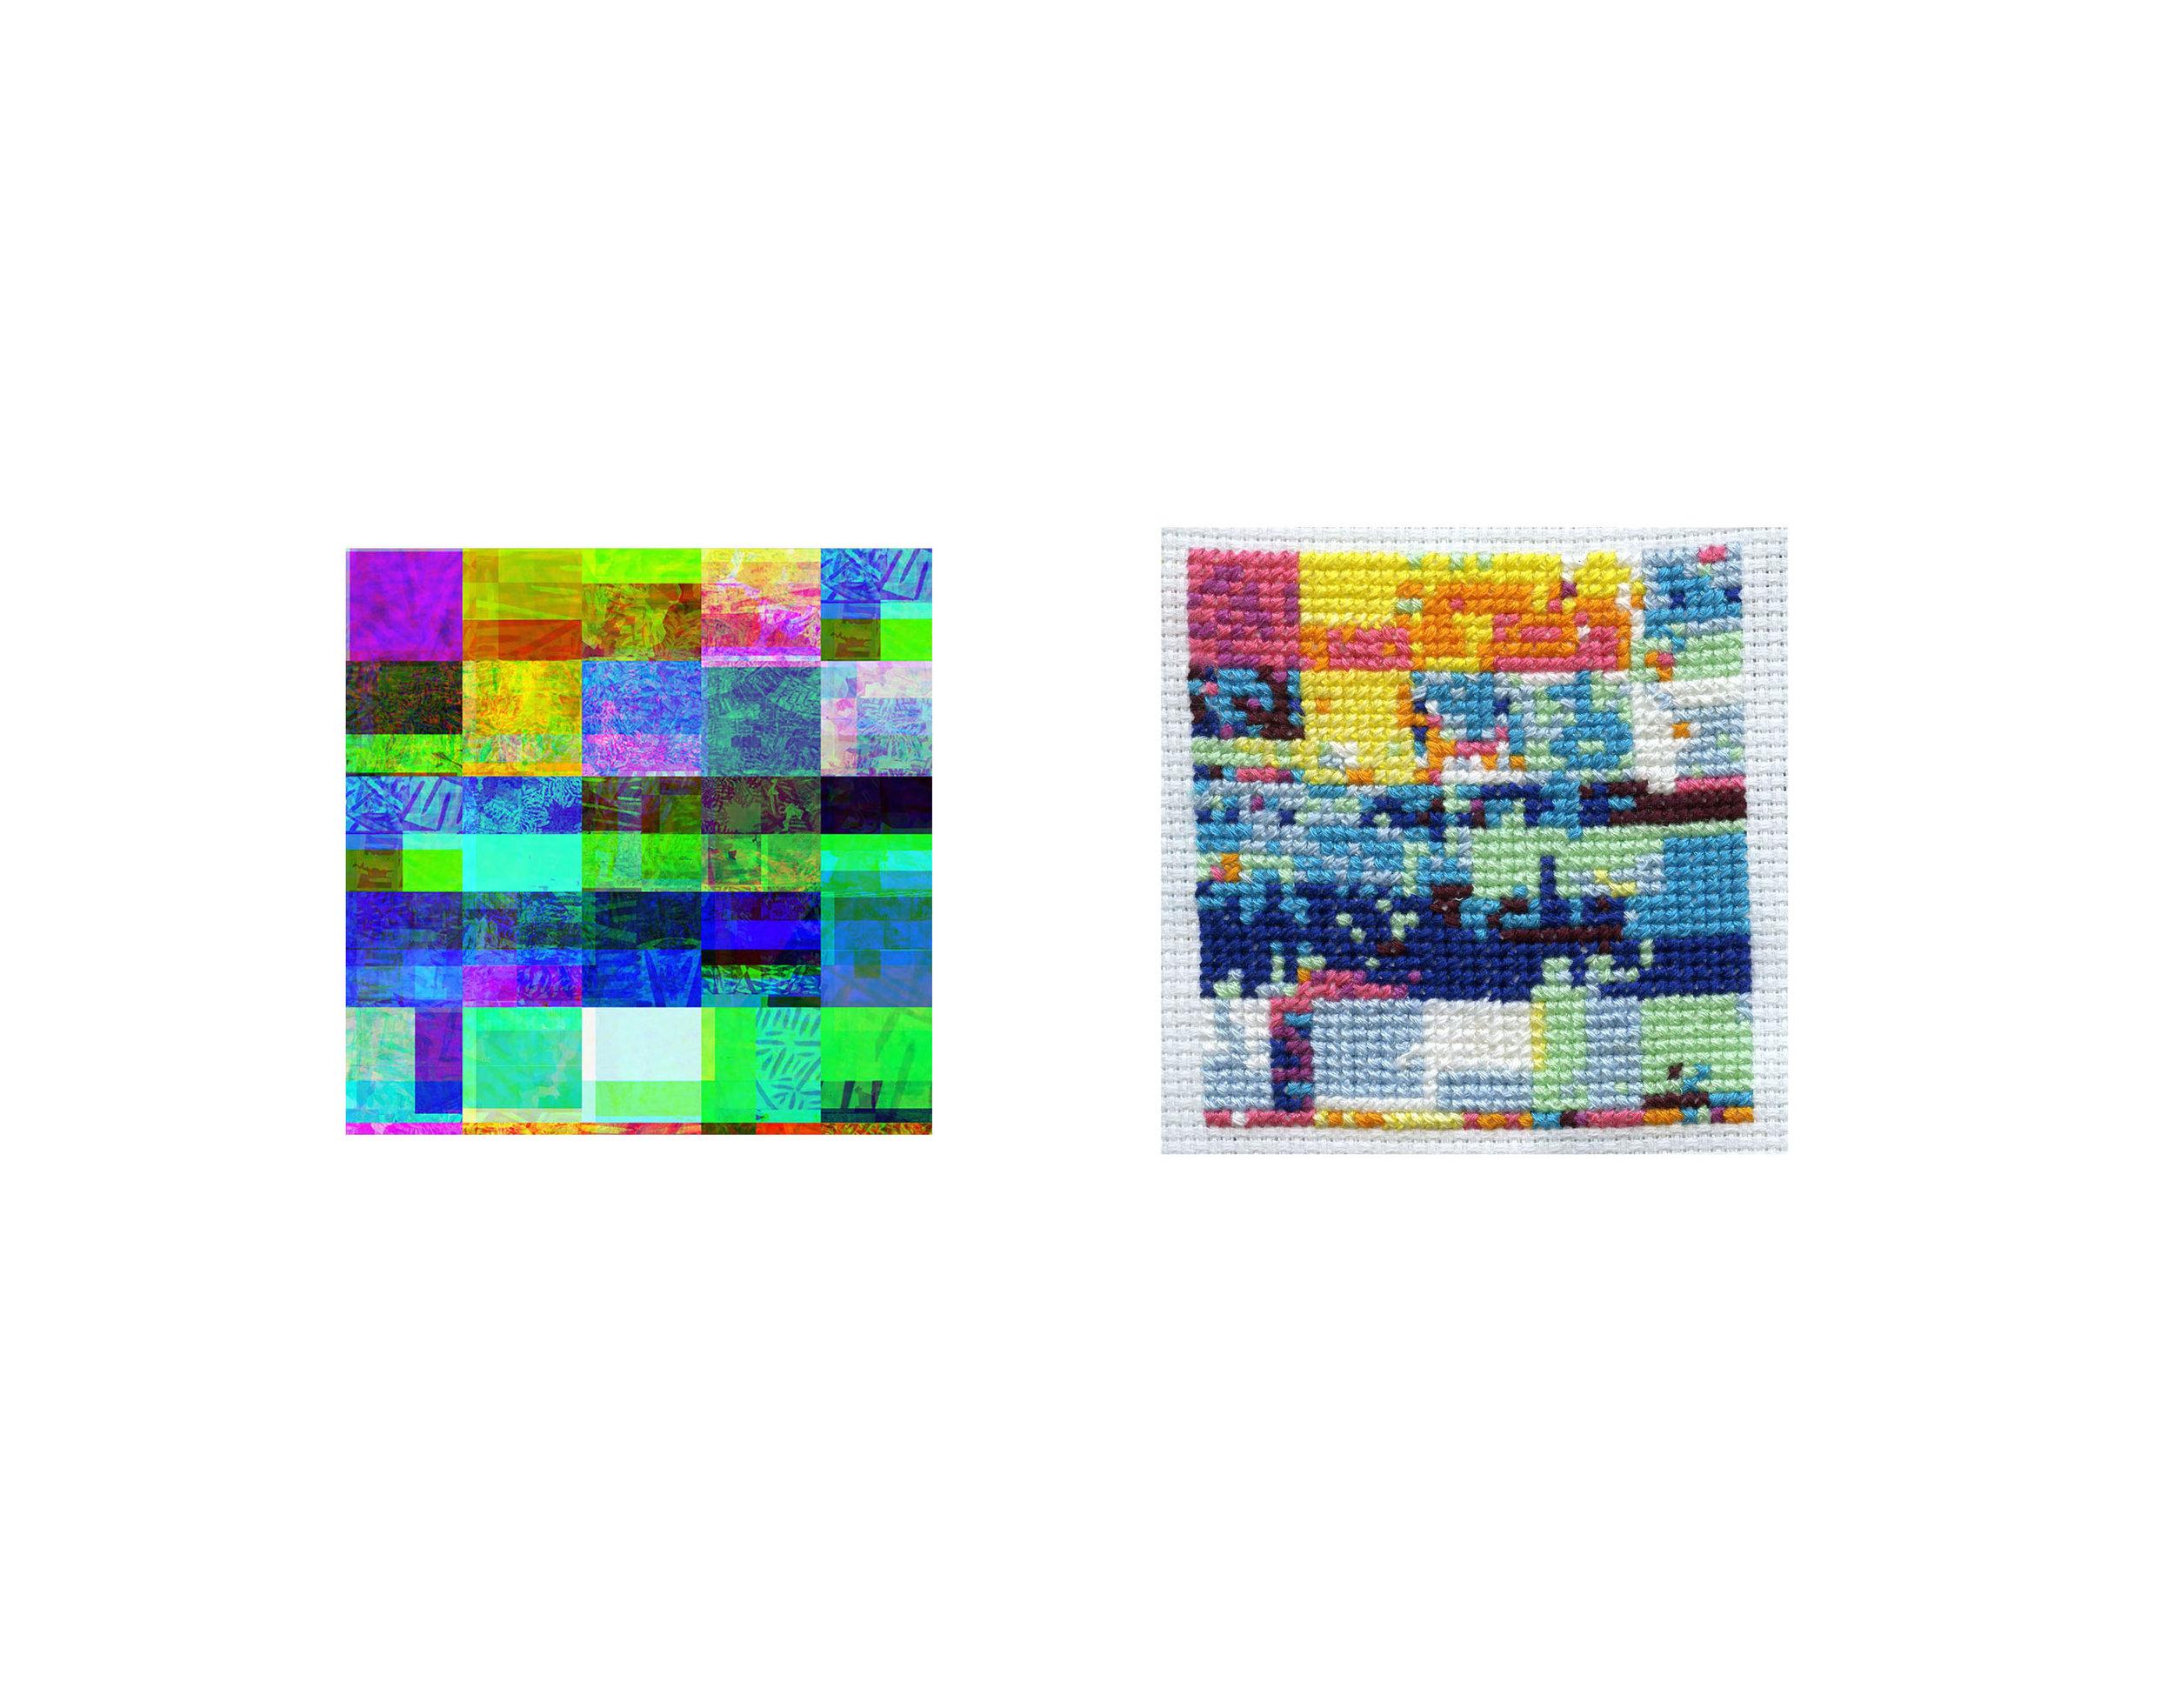 GlitchSeries04 - Crop_1_crop.jpg